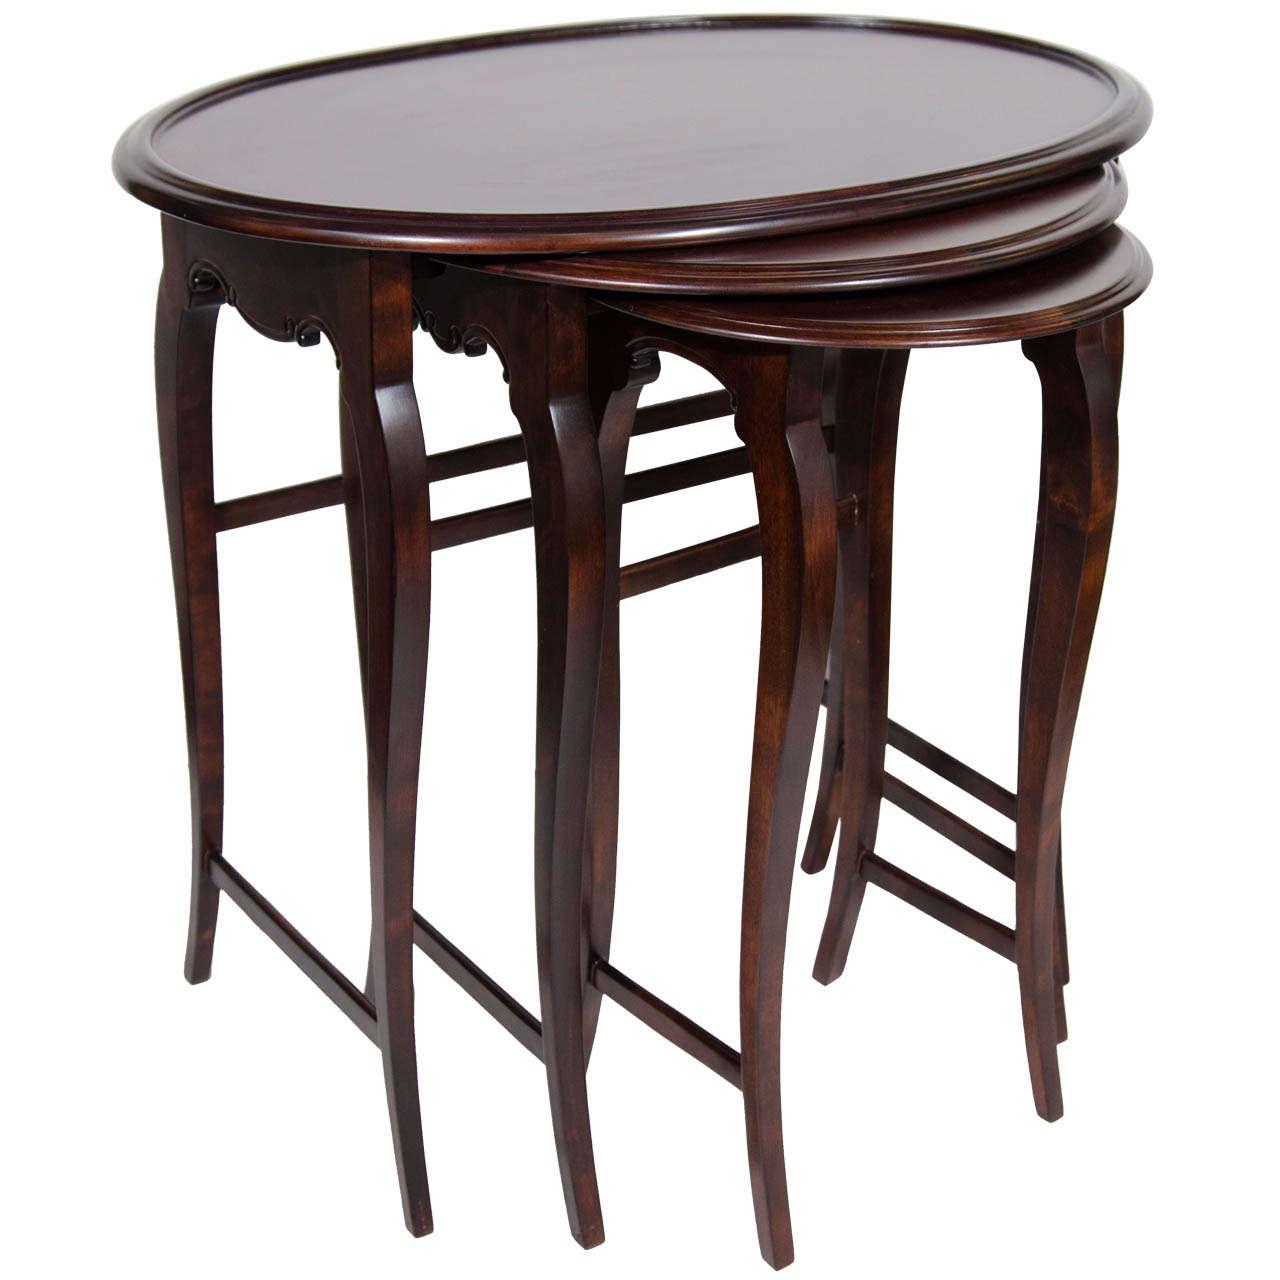 Elegant Set Of Three Austrian Satin Walnut Wood Nesting Tables 1